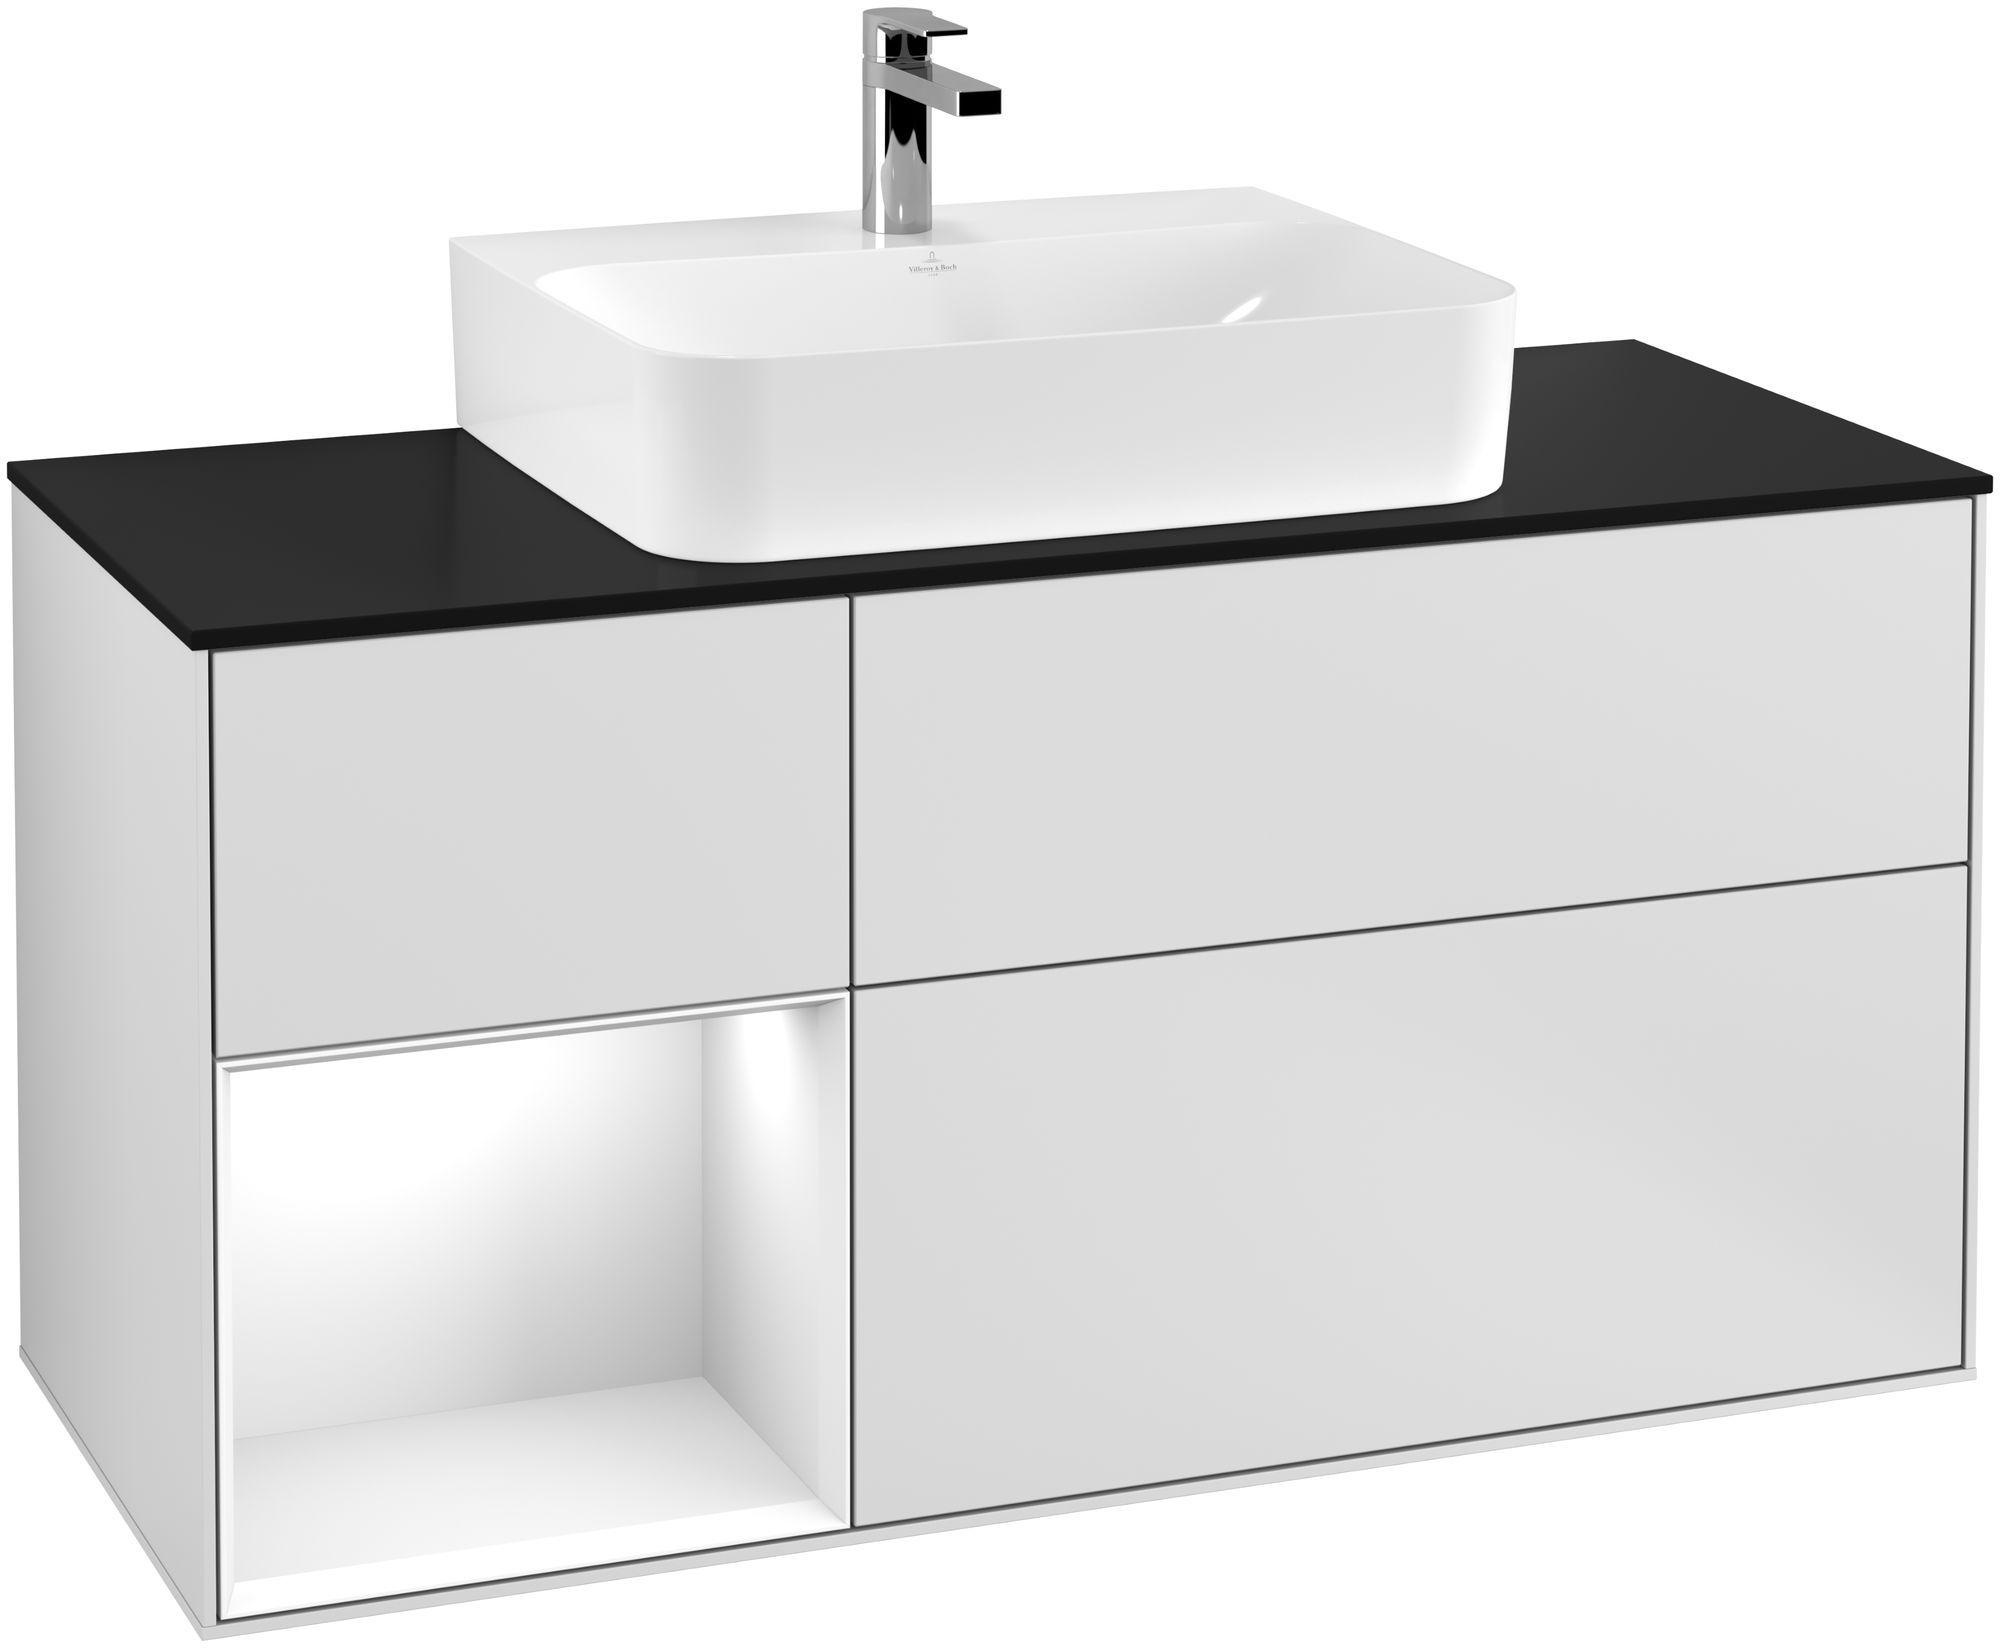 Villeroy & Boch Finion G16 Waschtischunterschrank mit Regalelement 3 Auszüge Waschtisch mittig LED-Beleuchtung B:120xH:60,3xT:50,1cm Front, Korpus: Weiß Matt Soft Grey, Regal: Glossy White Lack, Glasplatte: Black Matt G162GFMT